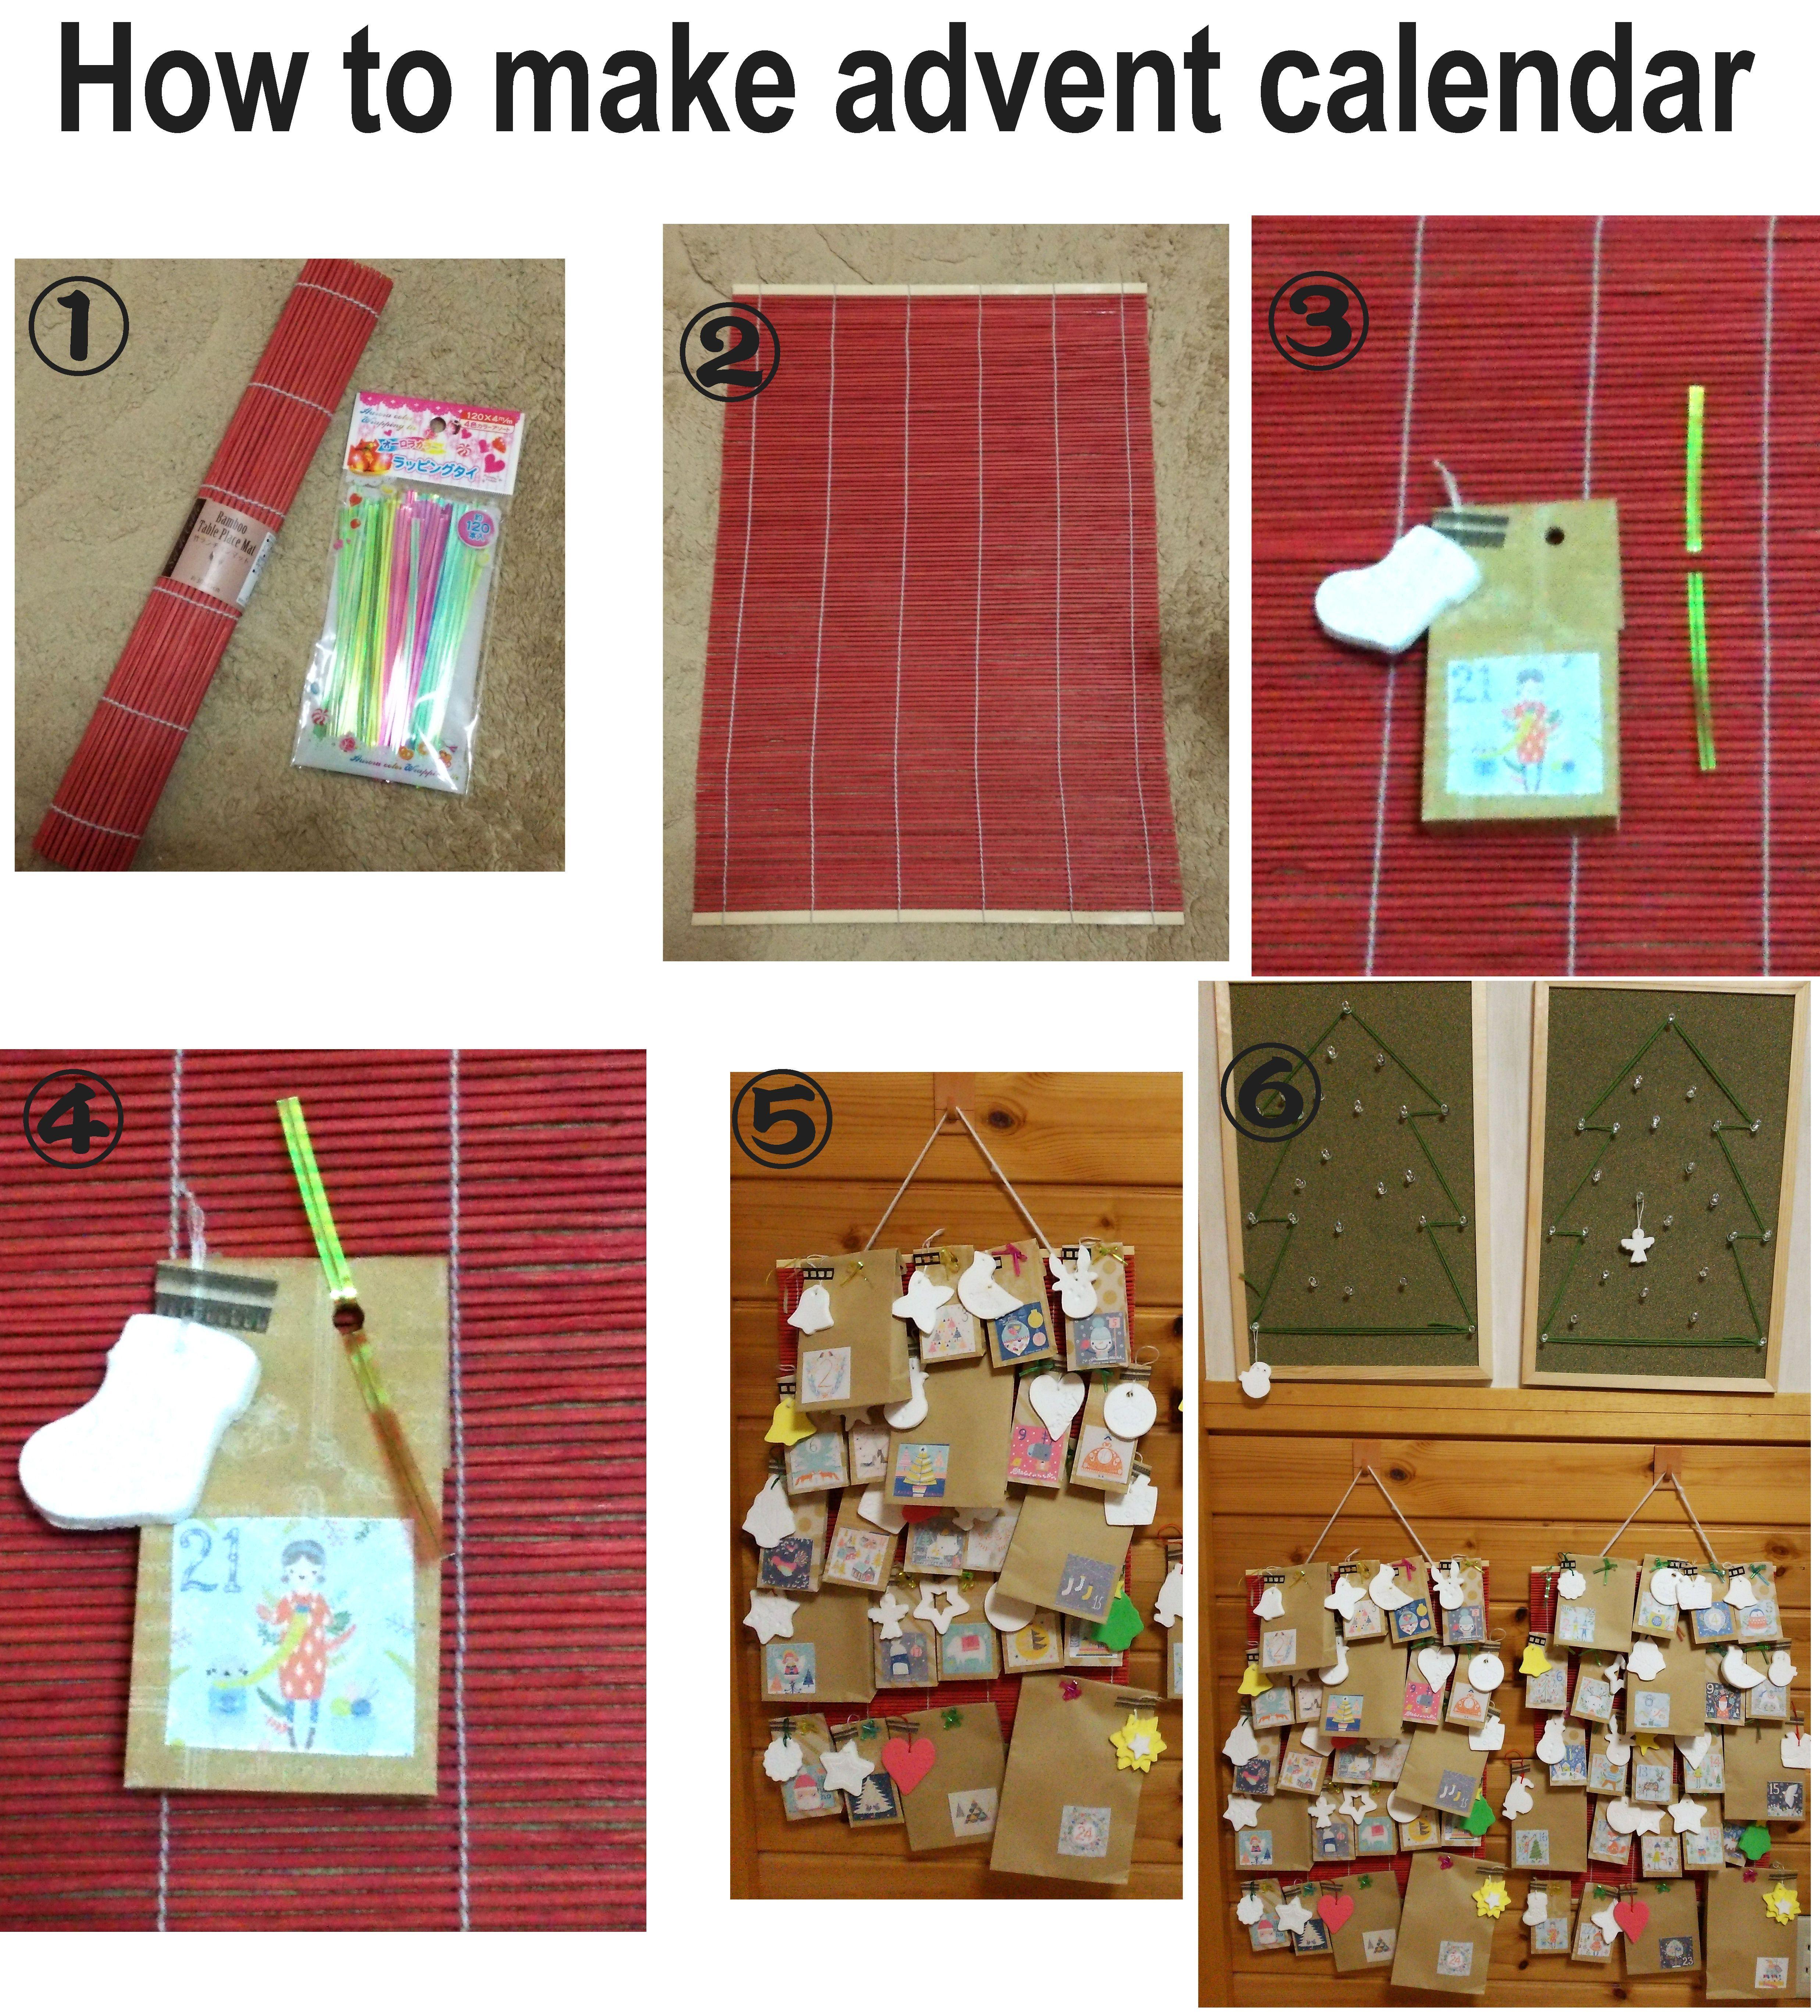 100均の竹ランチョンマットとラッピングタイでアドベントの袋を飾っていきます。どこにでもタイを通せるので好きなところに固定できます。ランチョンマットは巻きすでも代用できます。タイはモールやワイヤー+マステでも◎